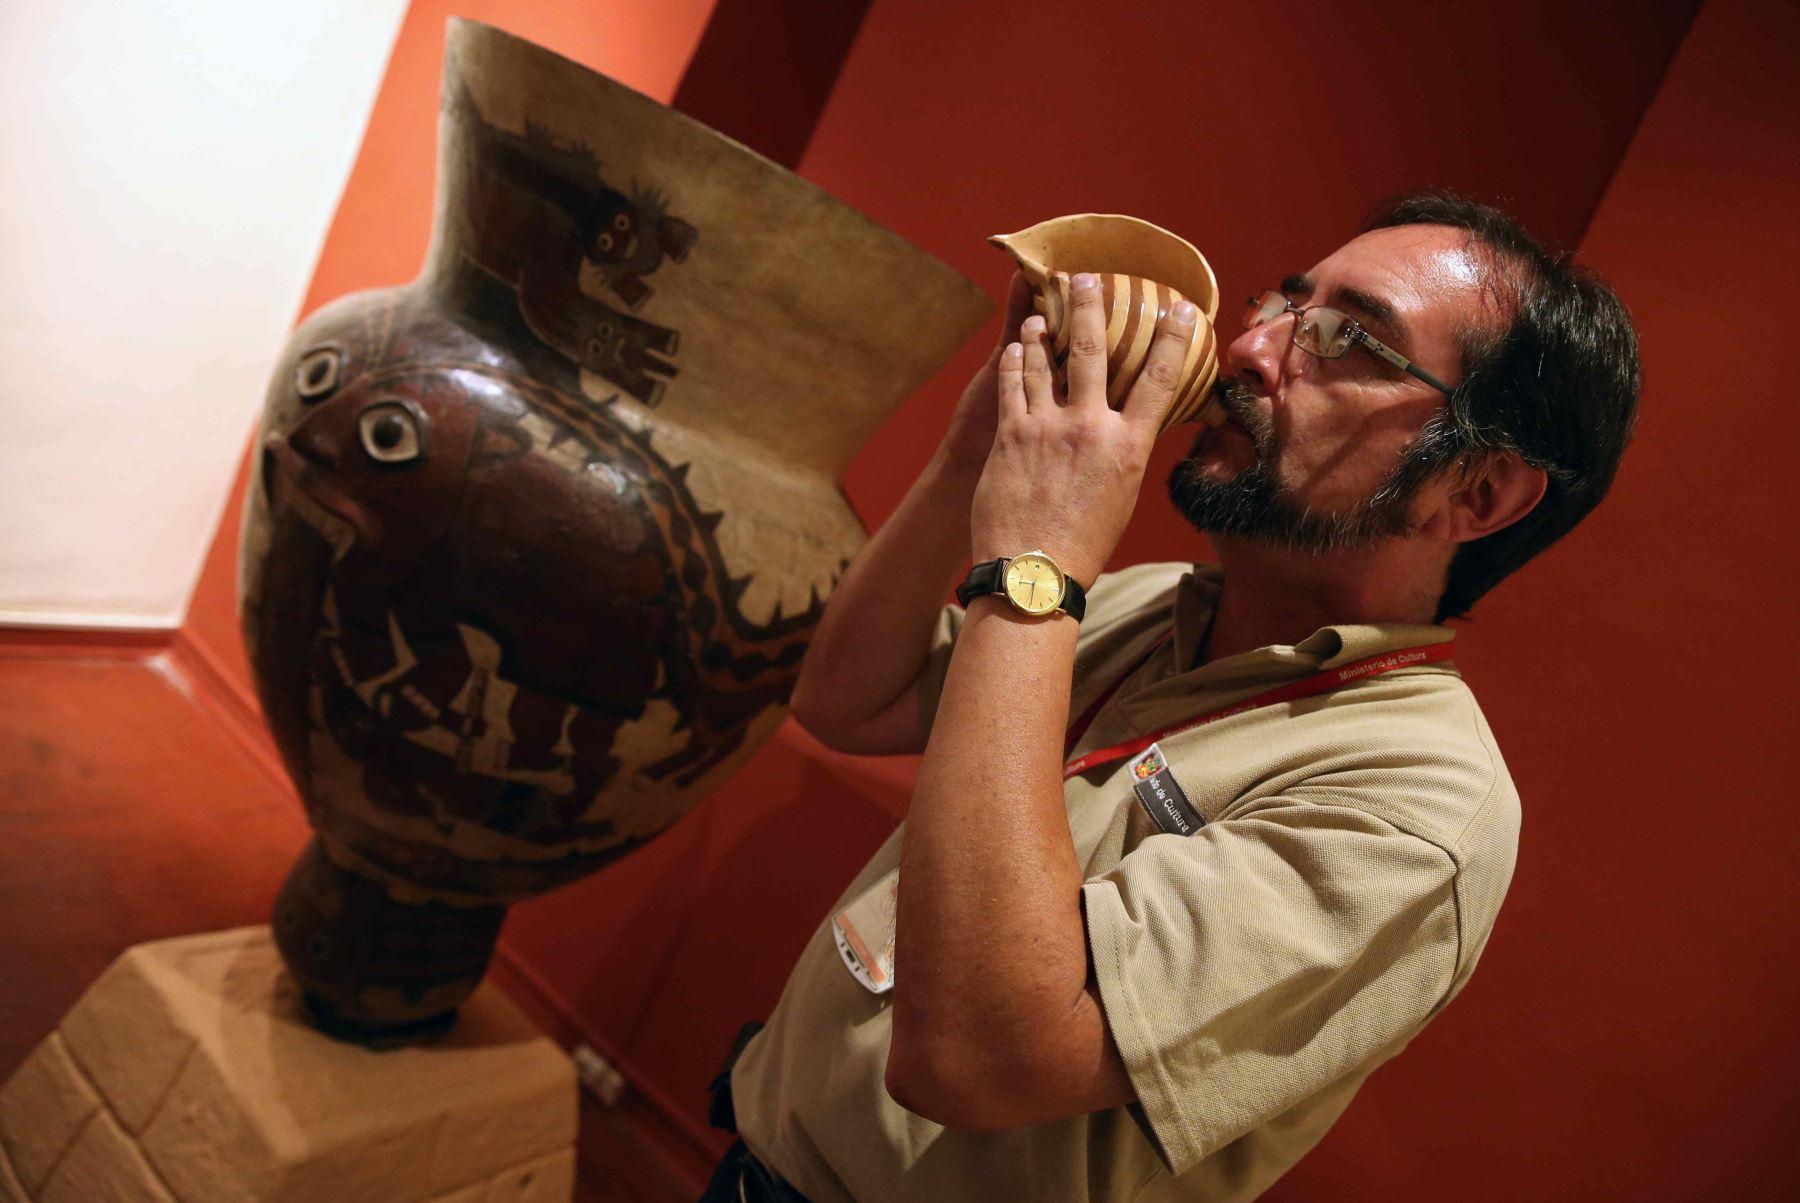 Investigador musical, Milano Trejo tocando un cerámica con forma de pututo en la exposición de la muestra Sonidos del Ande. Foto: EFE